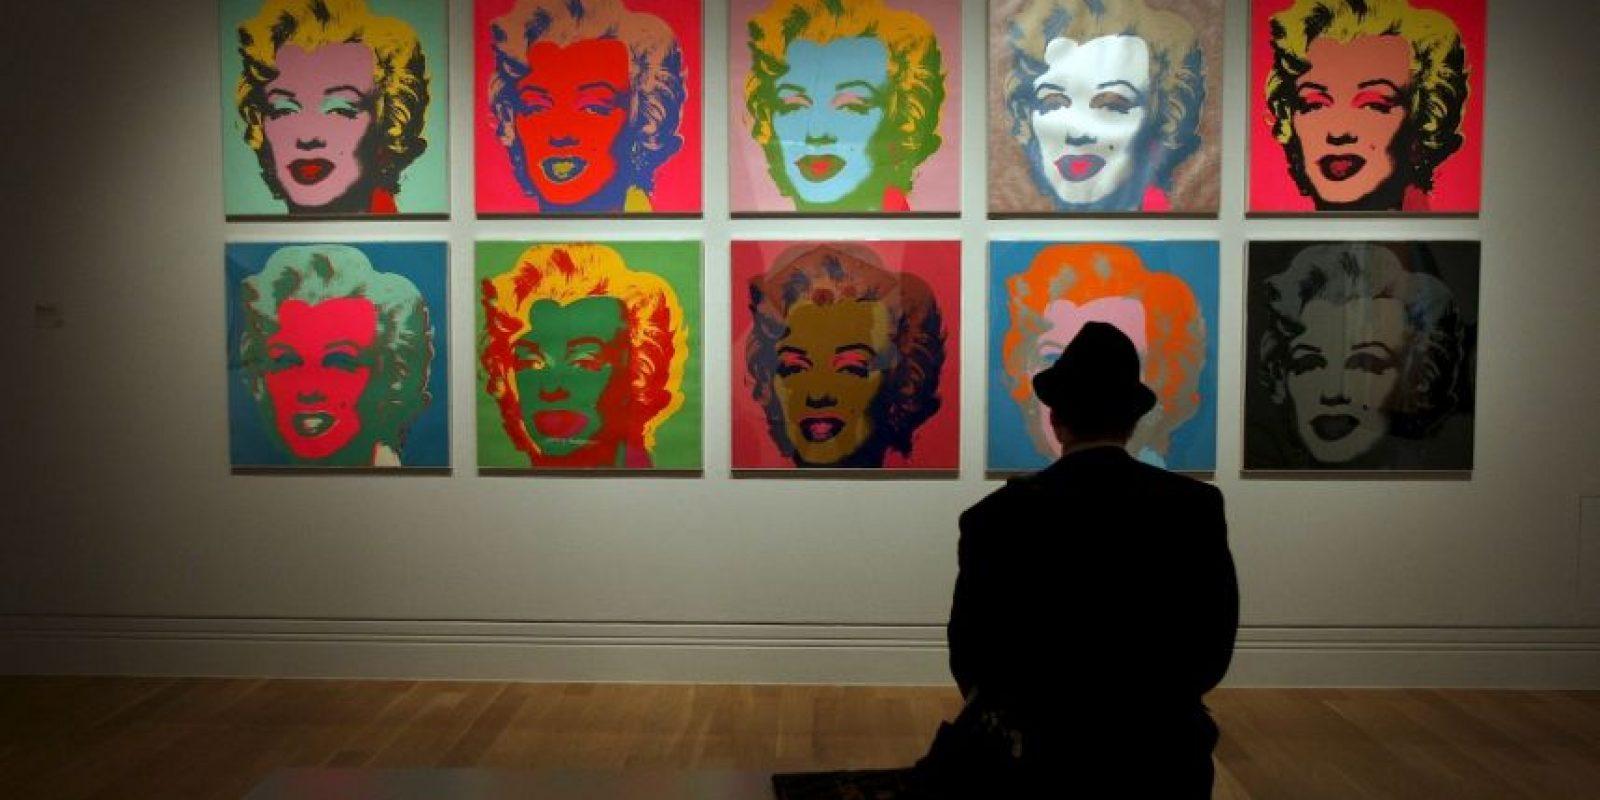 El popular retrato de Marilyn Monroe en diversos colores basado en las fotografías que Richard Avedon tomó de la actriz a finales de los 50 Foto: Getty Images